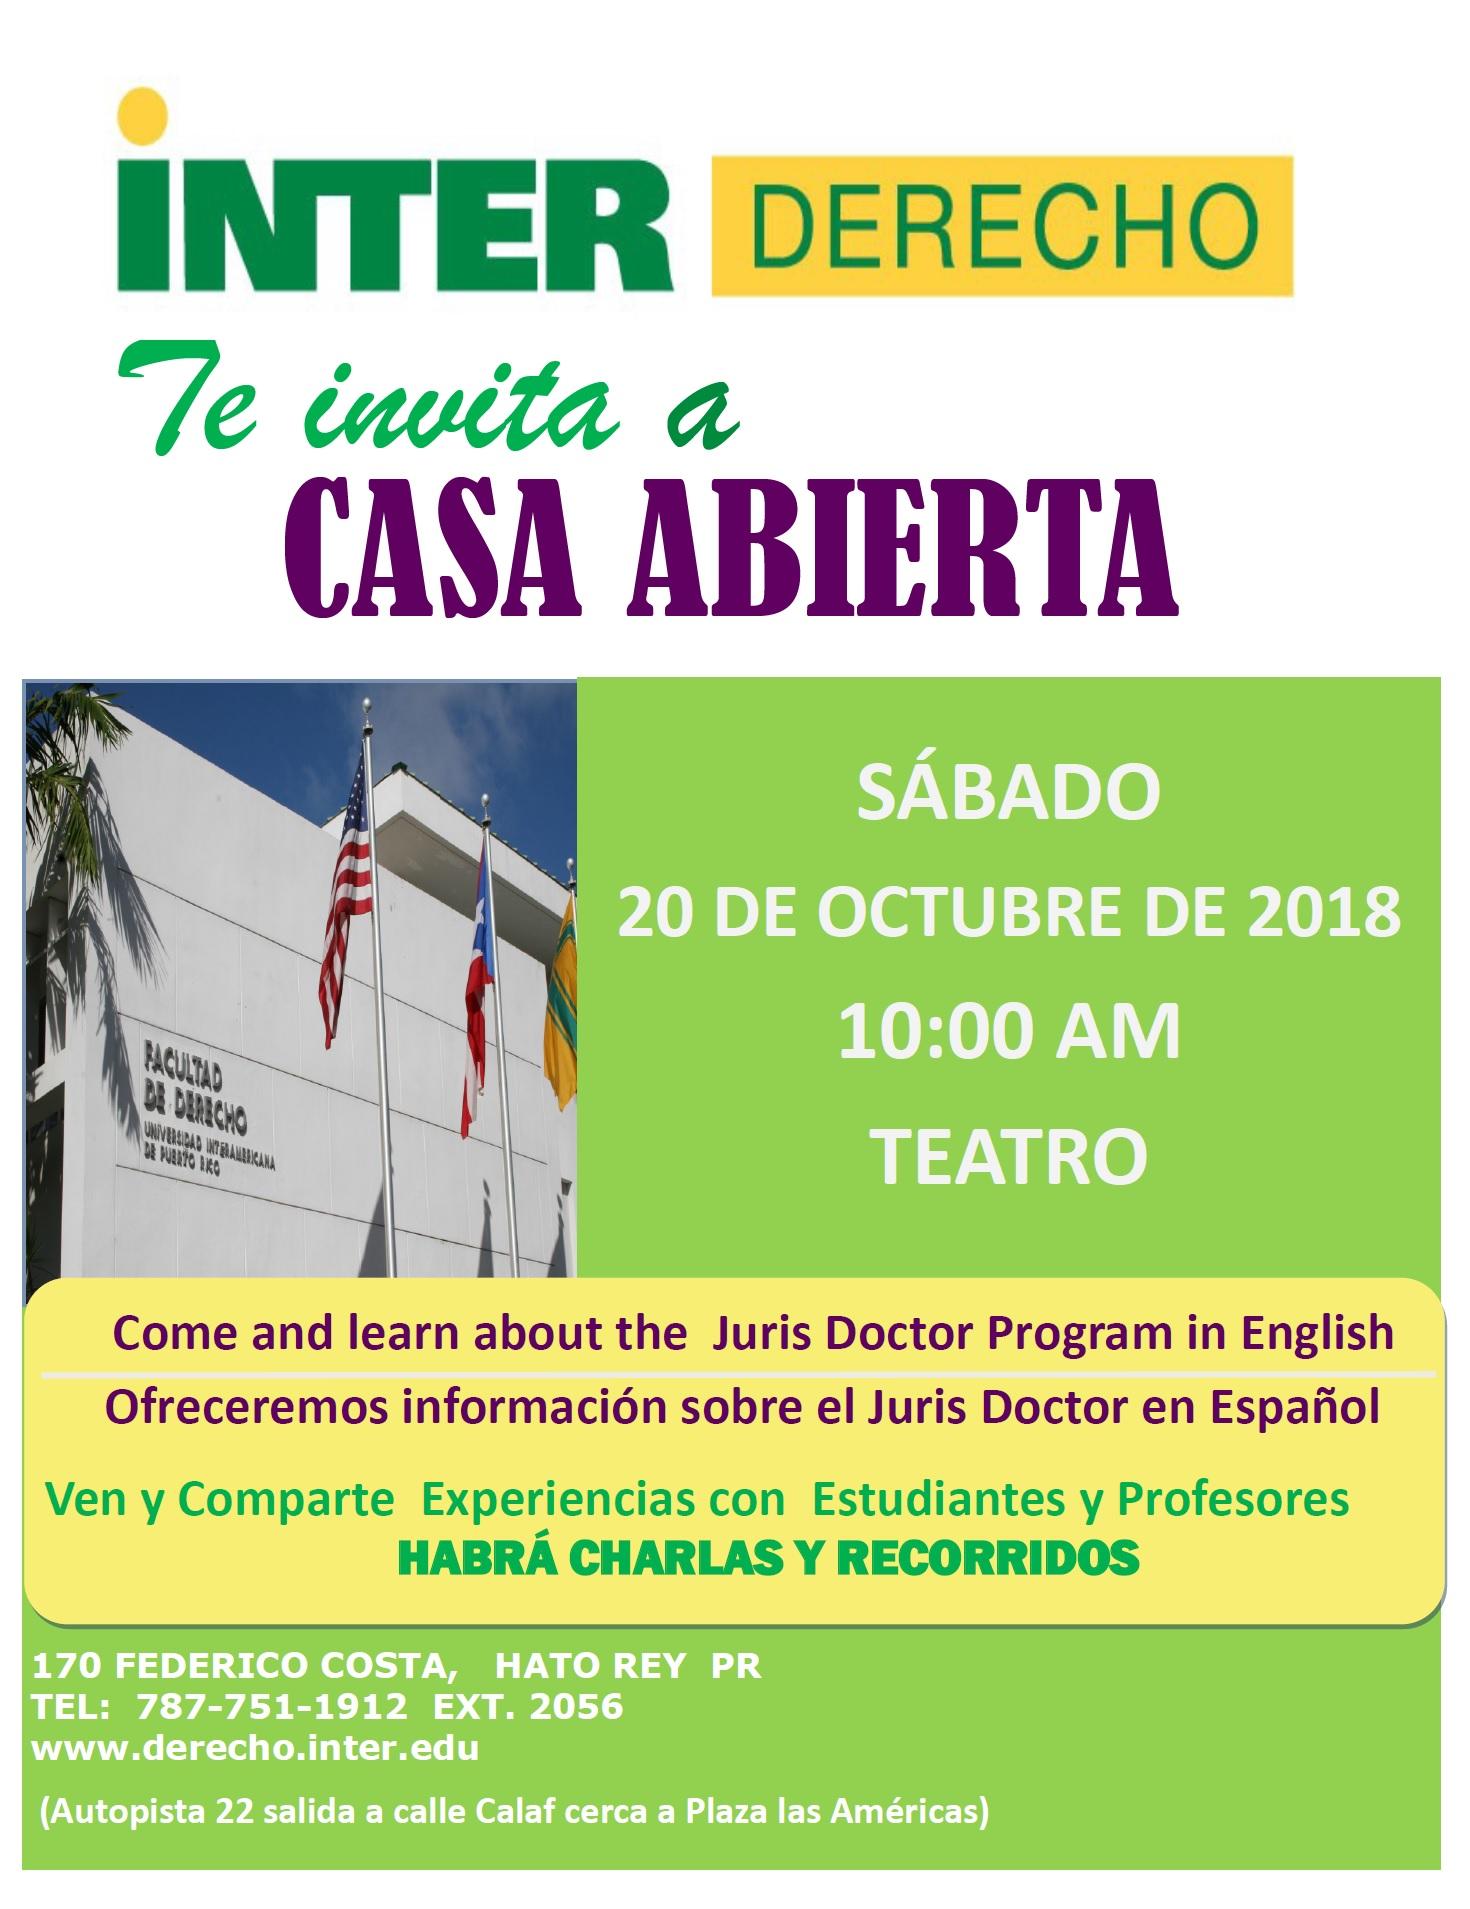 Inter Derecho te invita a su Casa Abierta (20 de octubre)